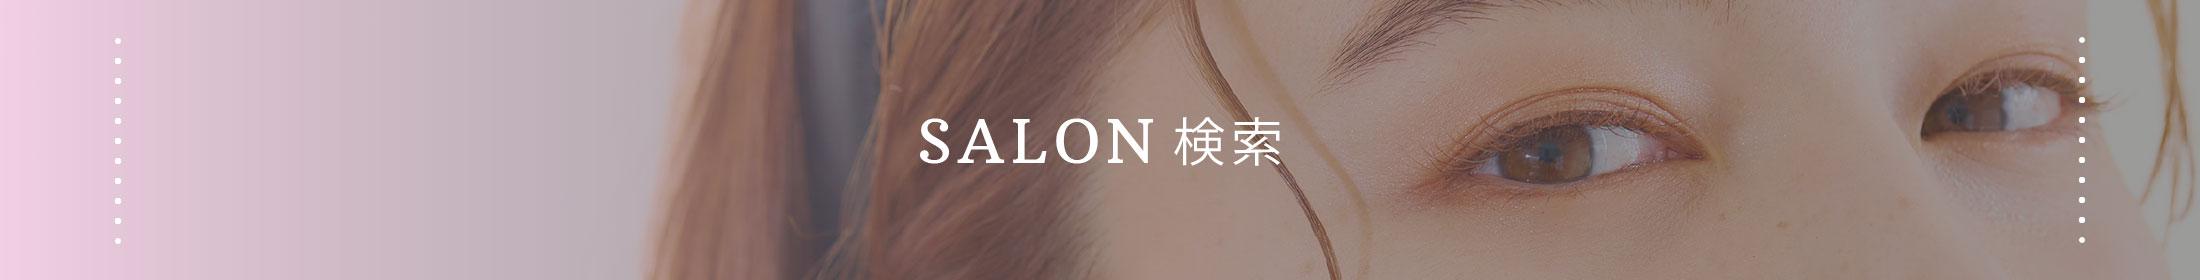 SALON検索